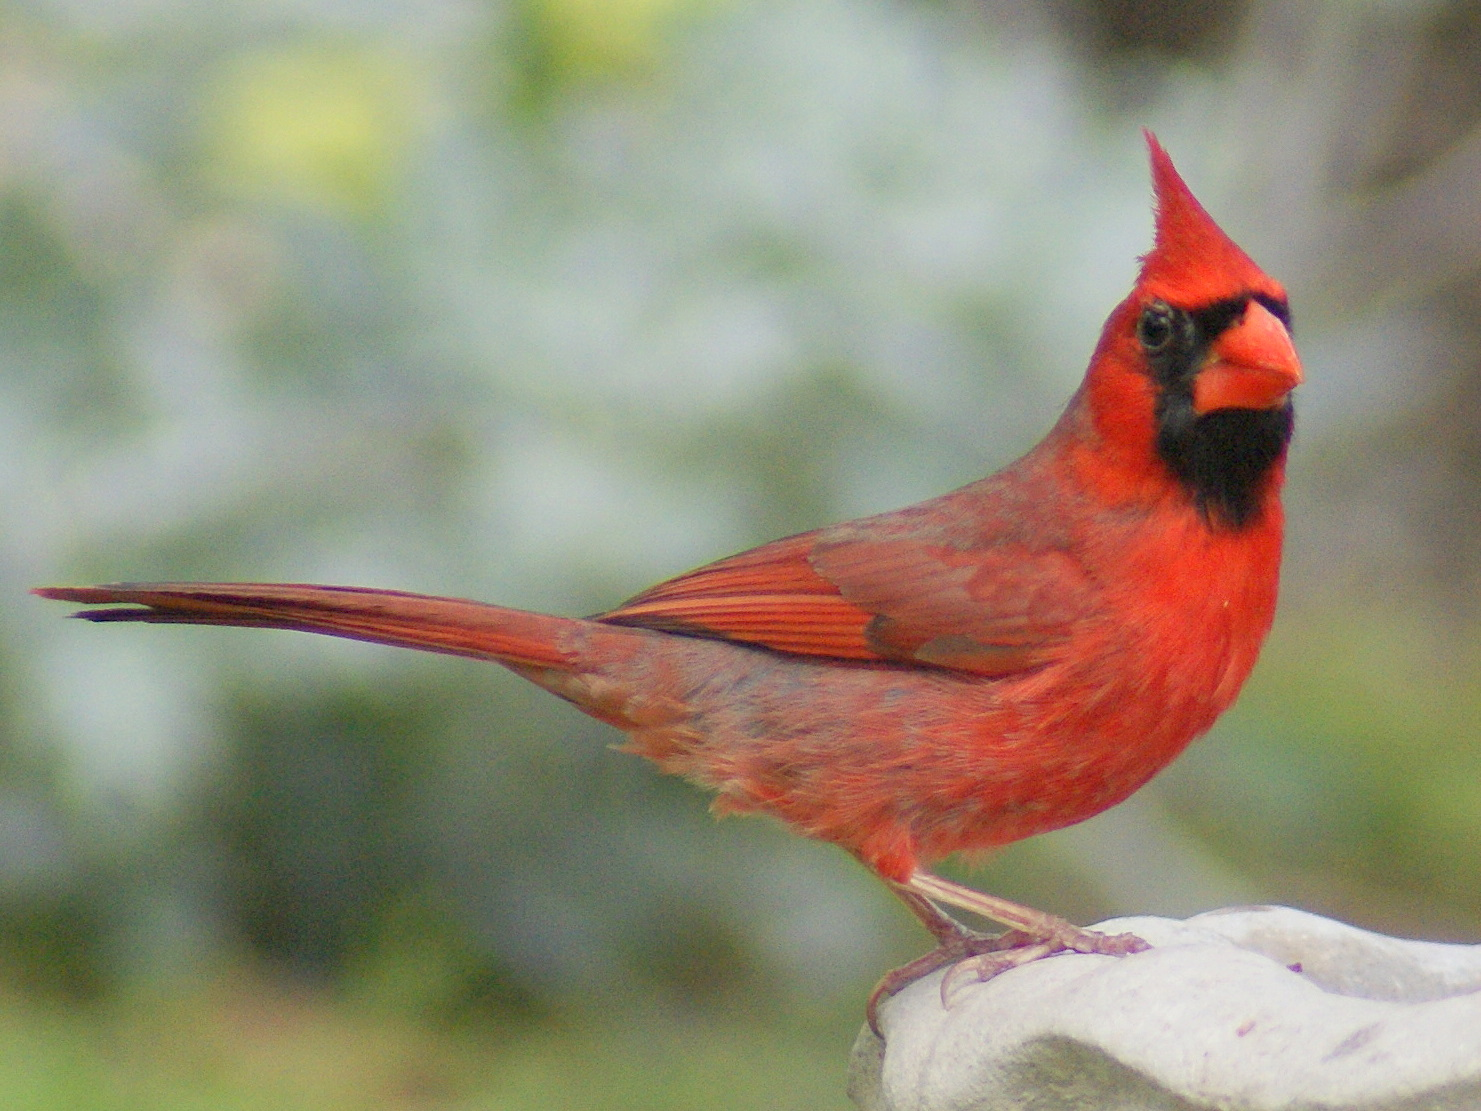 cardinalscardinal birdflying cardinalsweet cardinalsred cardinal 1481x1111